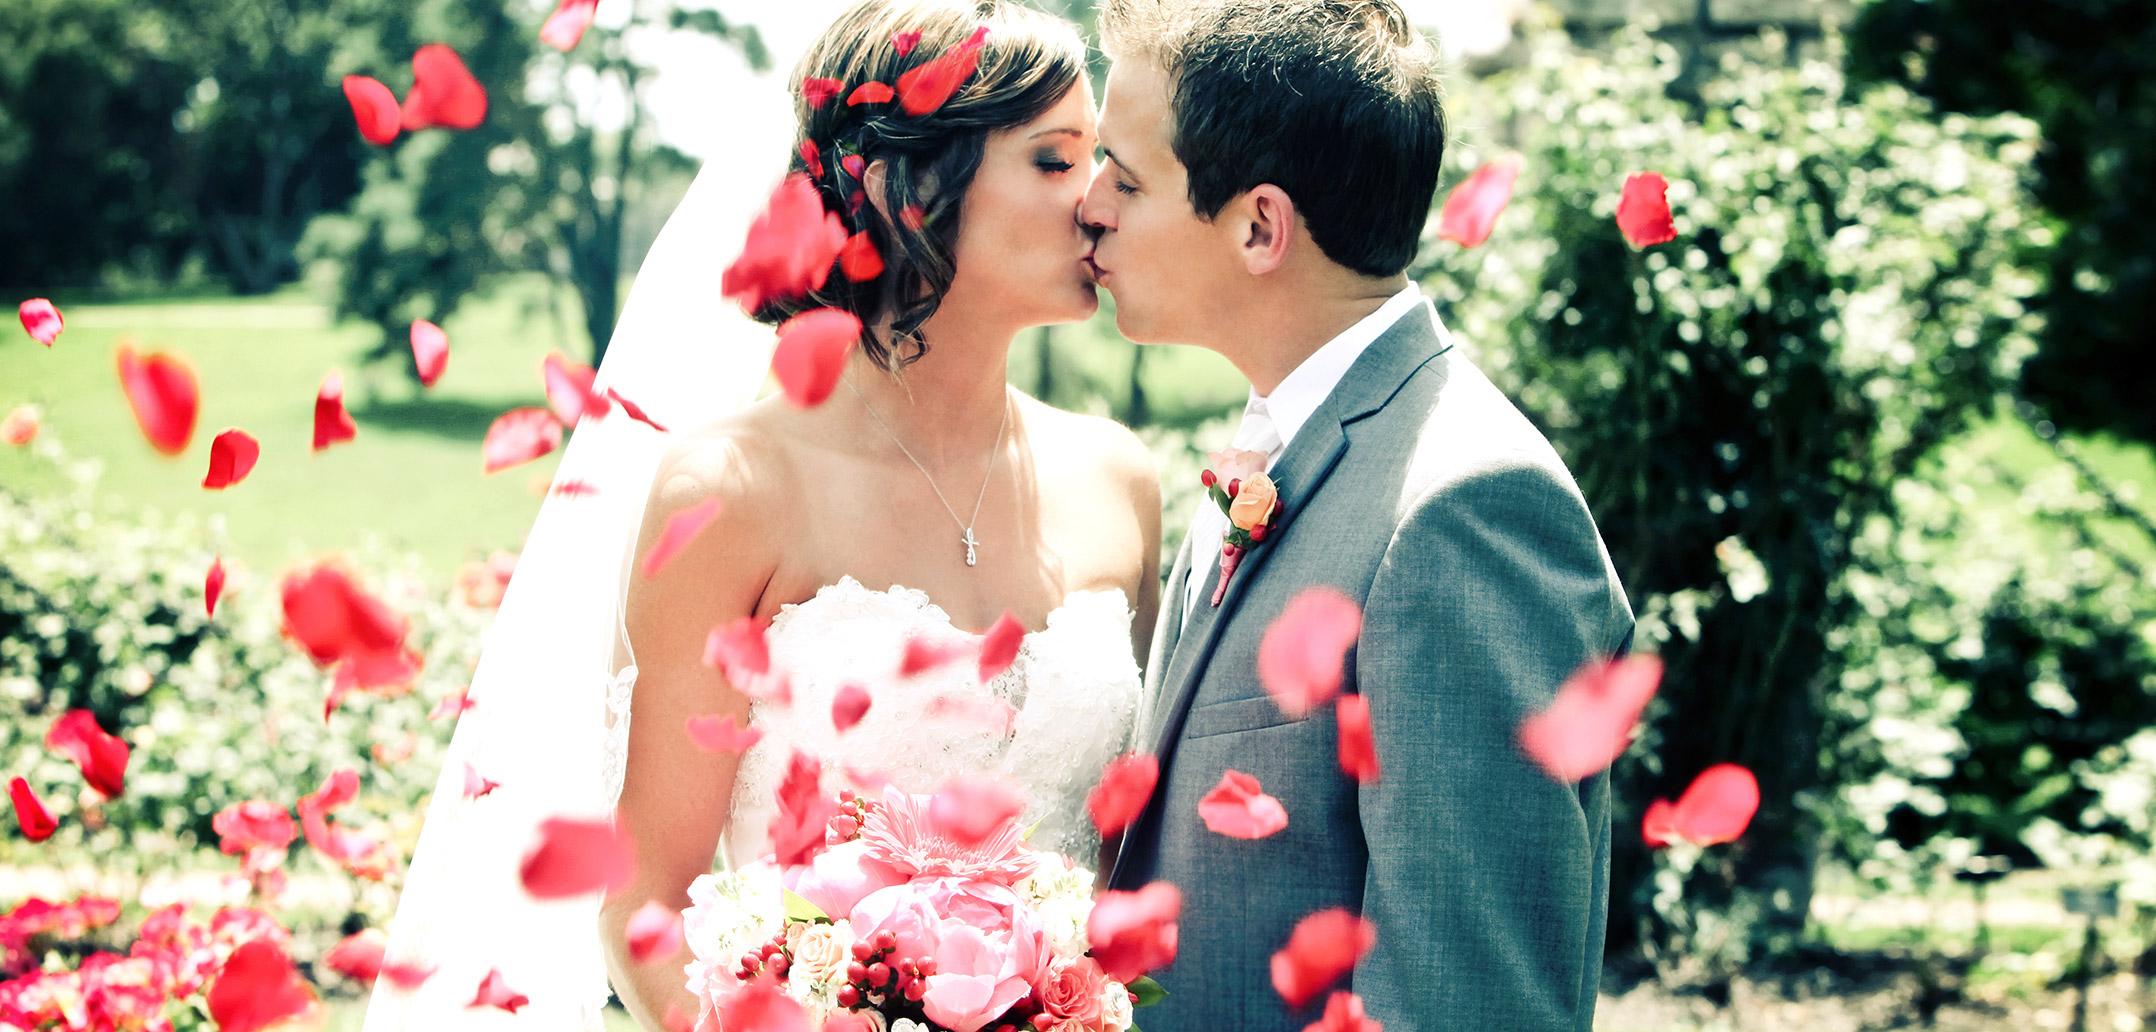 Hochzeit, Paar, Blumen